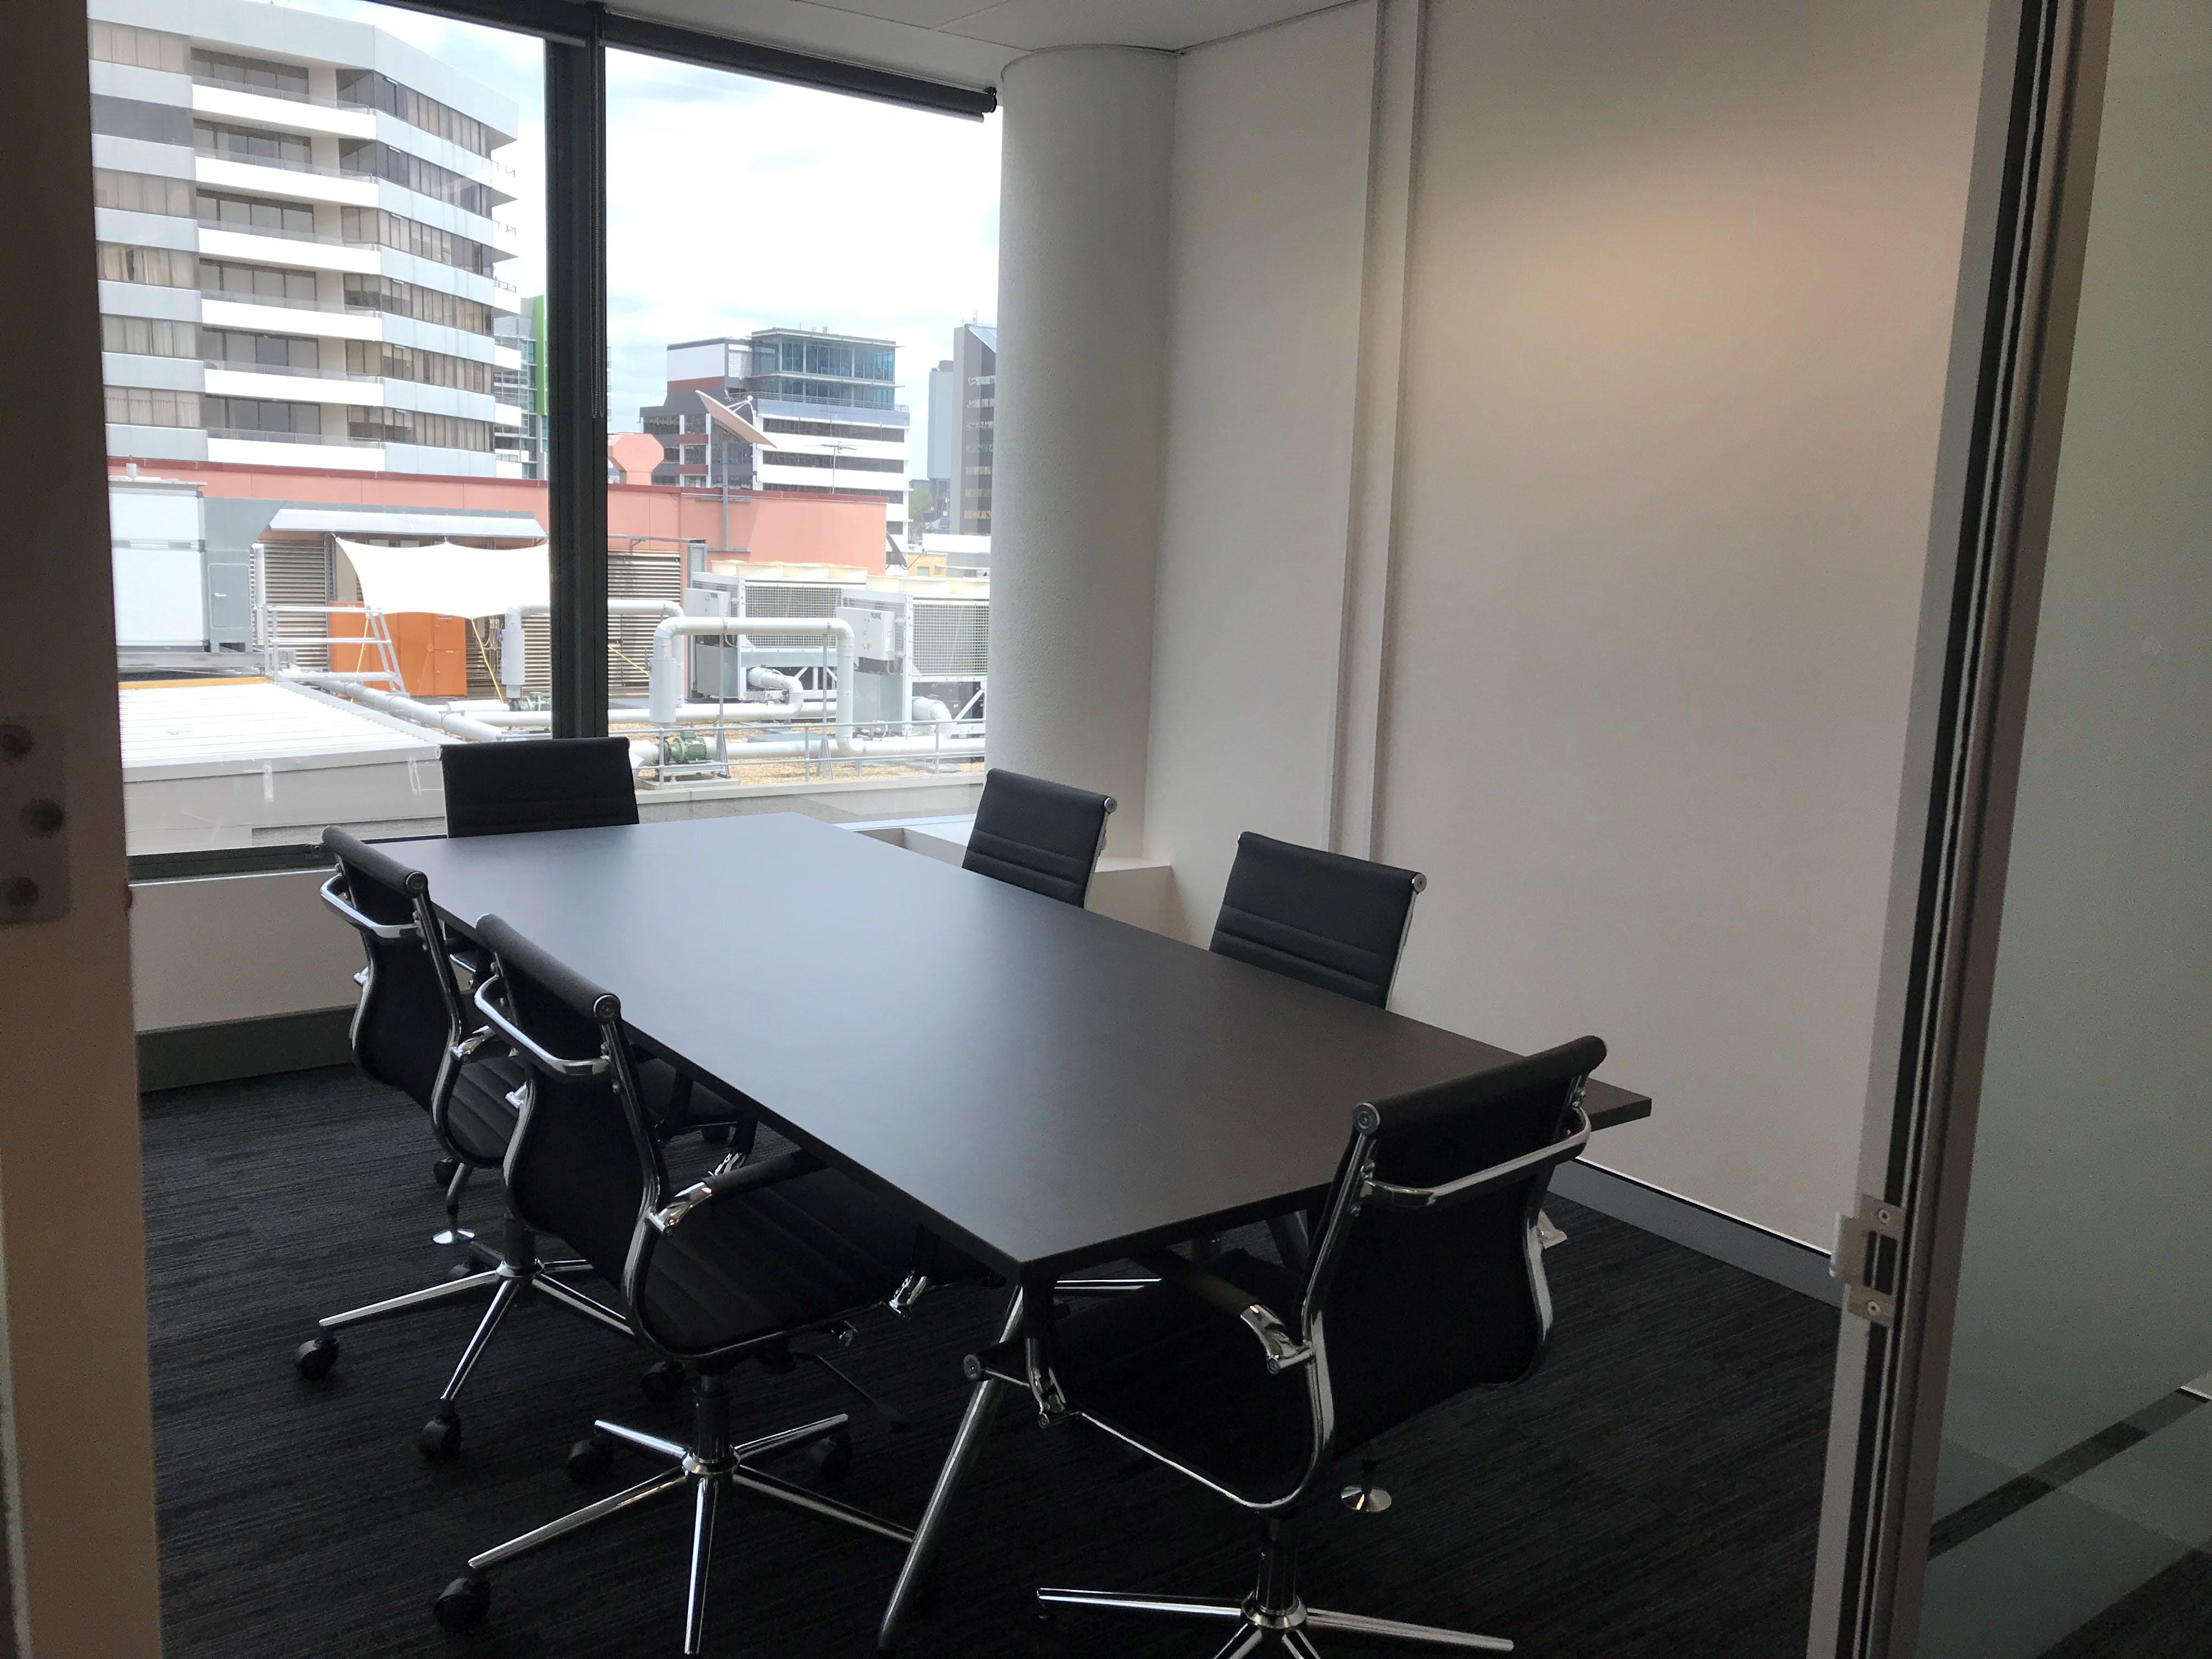 Boardroom, meeting room at 200 Creek Street, image 1